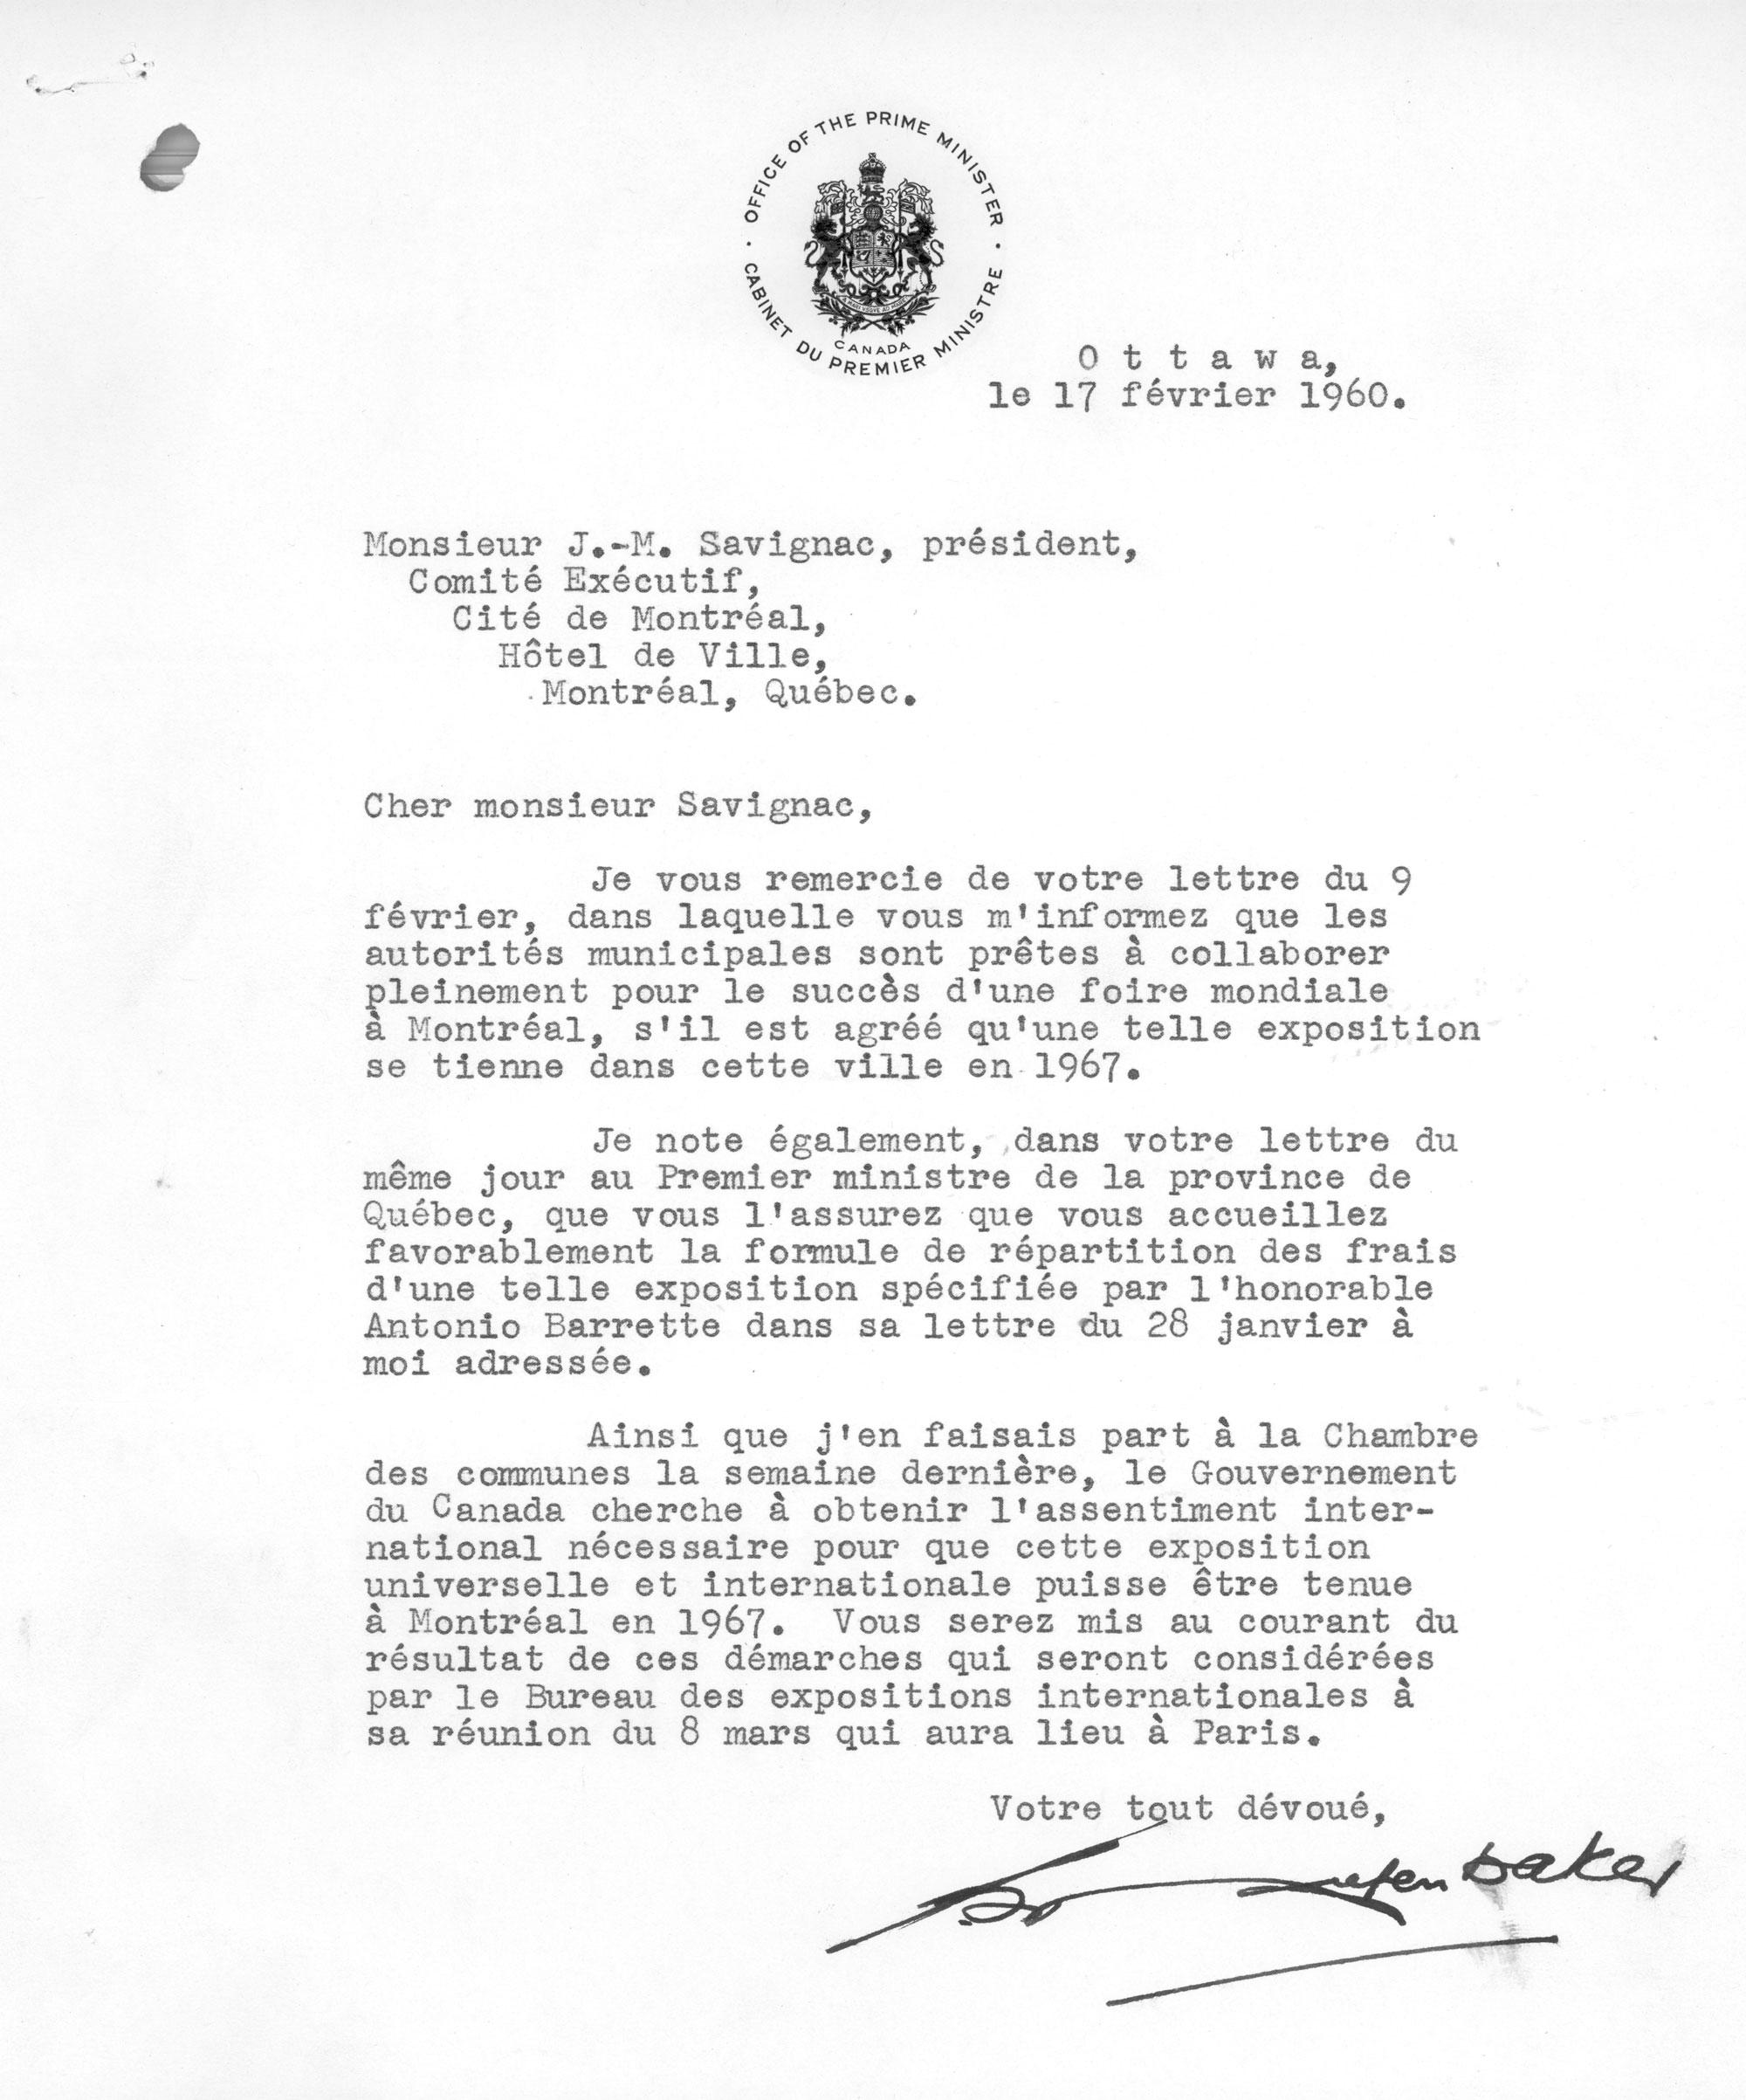 Lettre du premier ministre du Canada, John Diefenbaker.VM1-3-2-11781-1-02